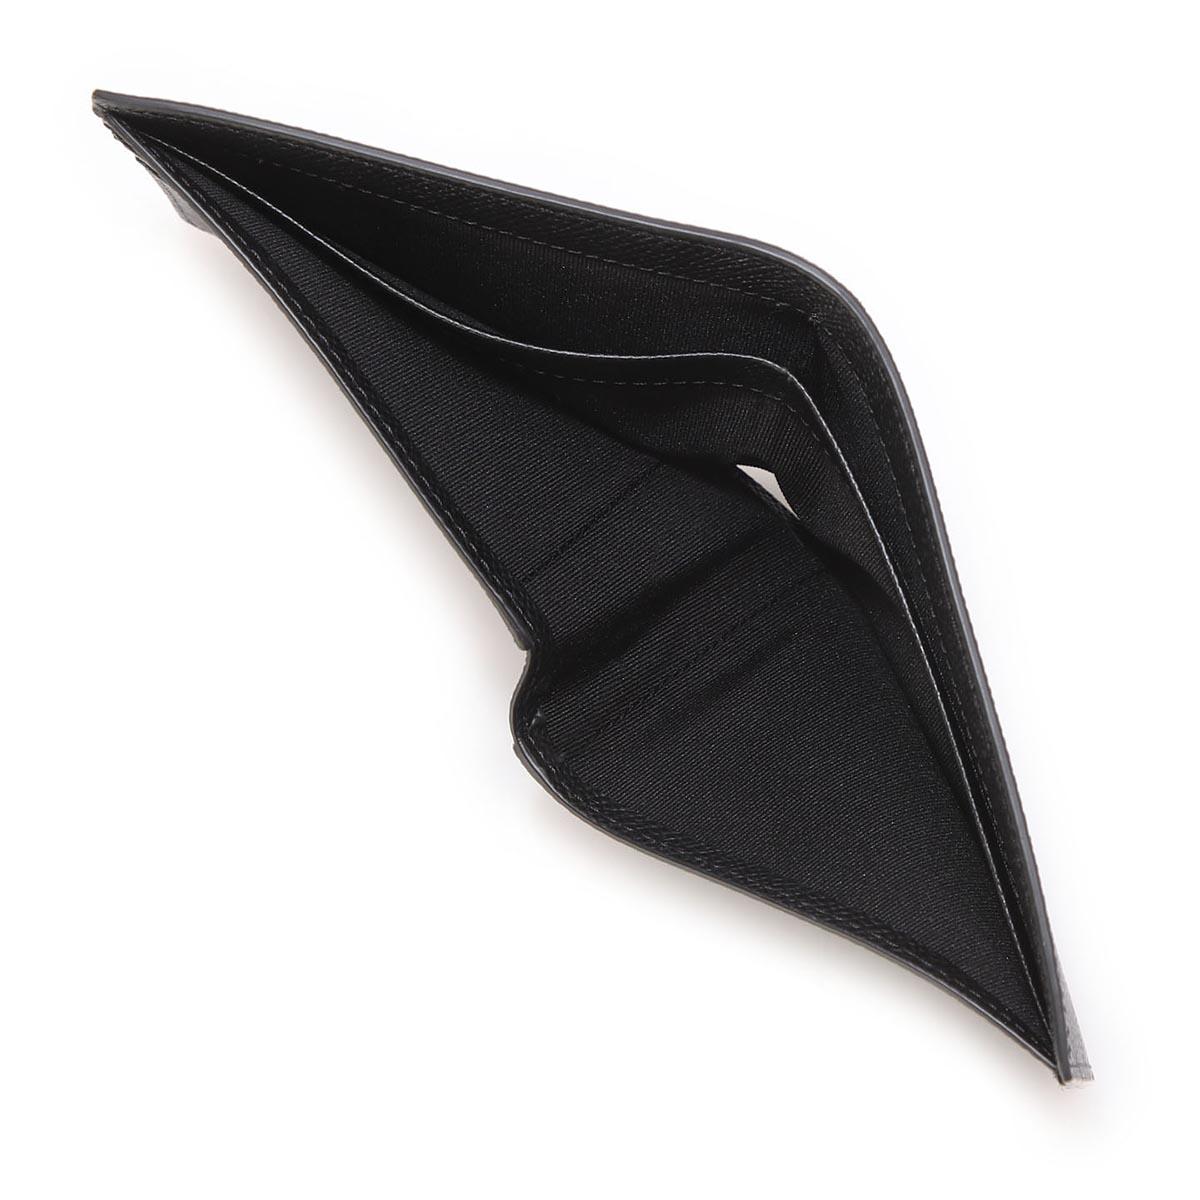 【タイムセール】BURBERRY バーバリー 2つ折り財布/ICON STRIPE PRINT LEATHER INTERNATIONAL BIFOLD WALLET メンズ